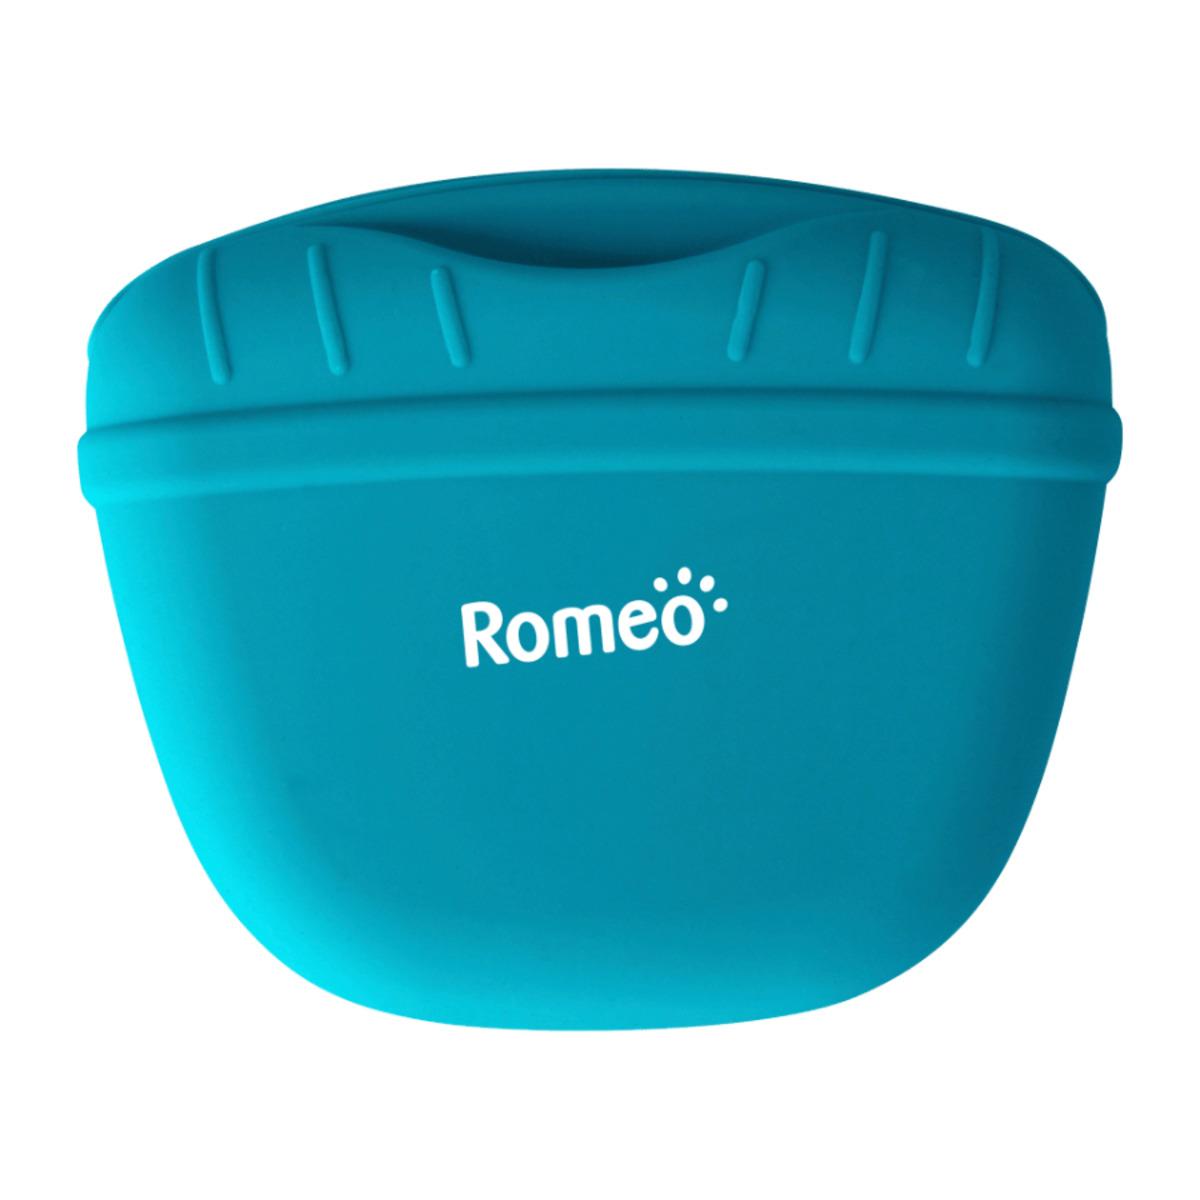 Bild 5 von ROMEO     Futtertasche